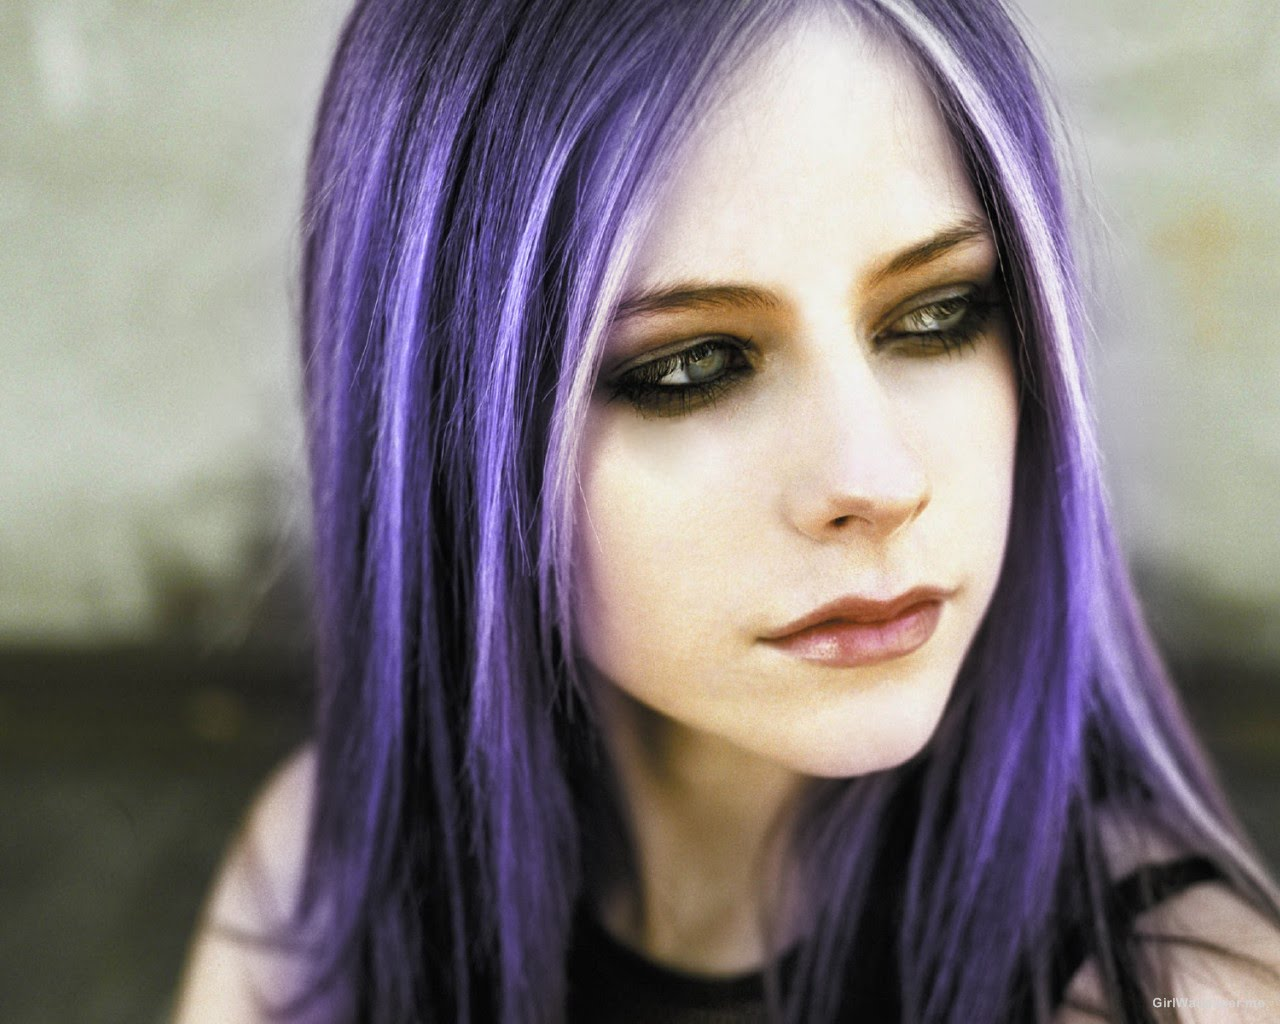 Avril-Lavigne-roxo-copy.jpg Avril Lavigne